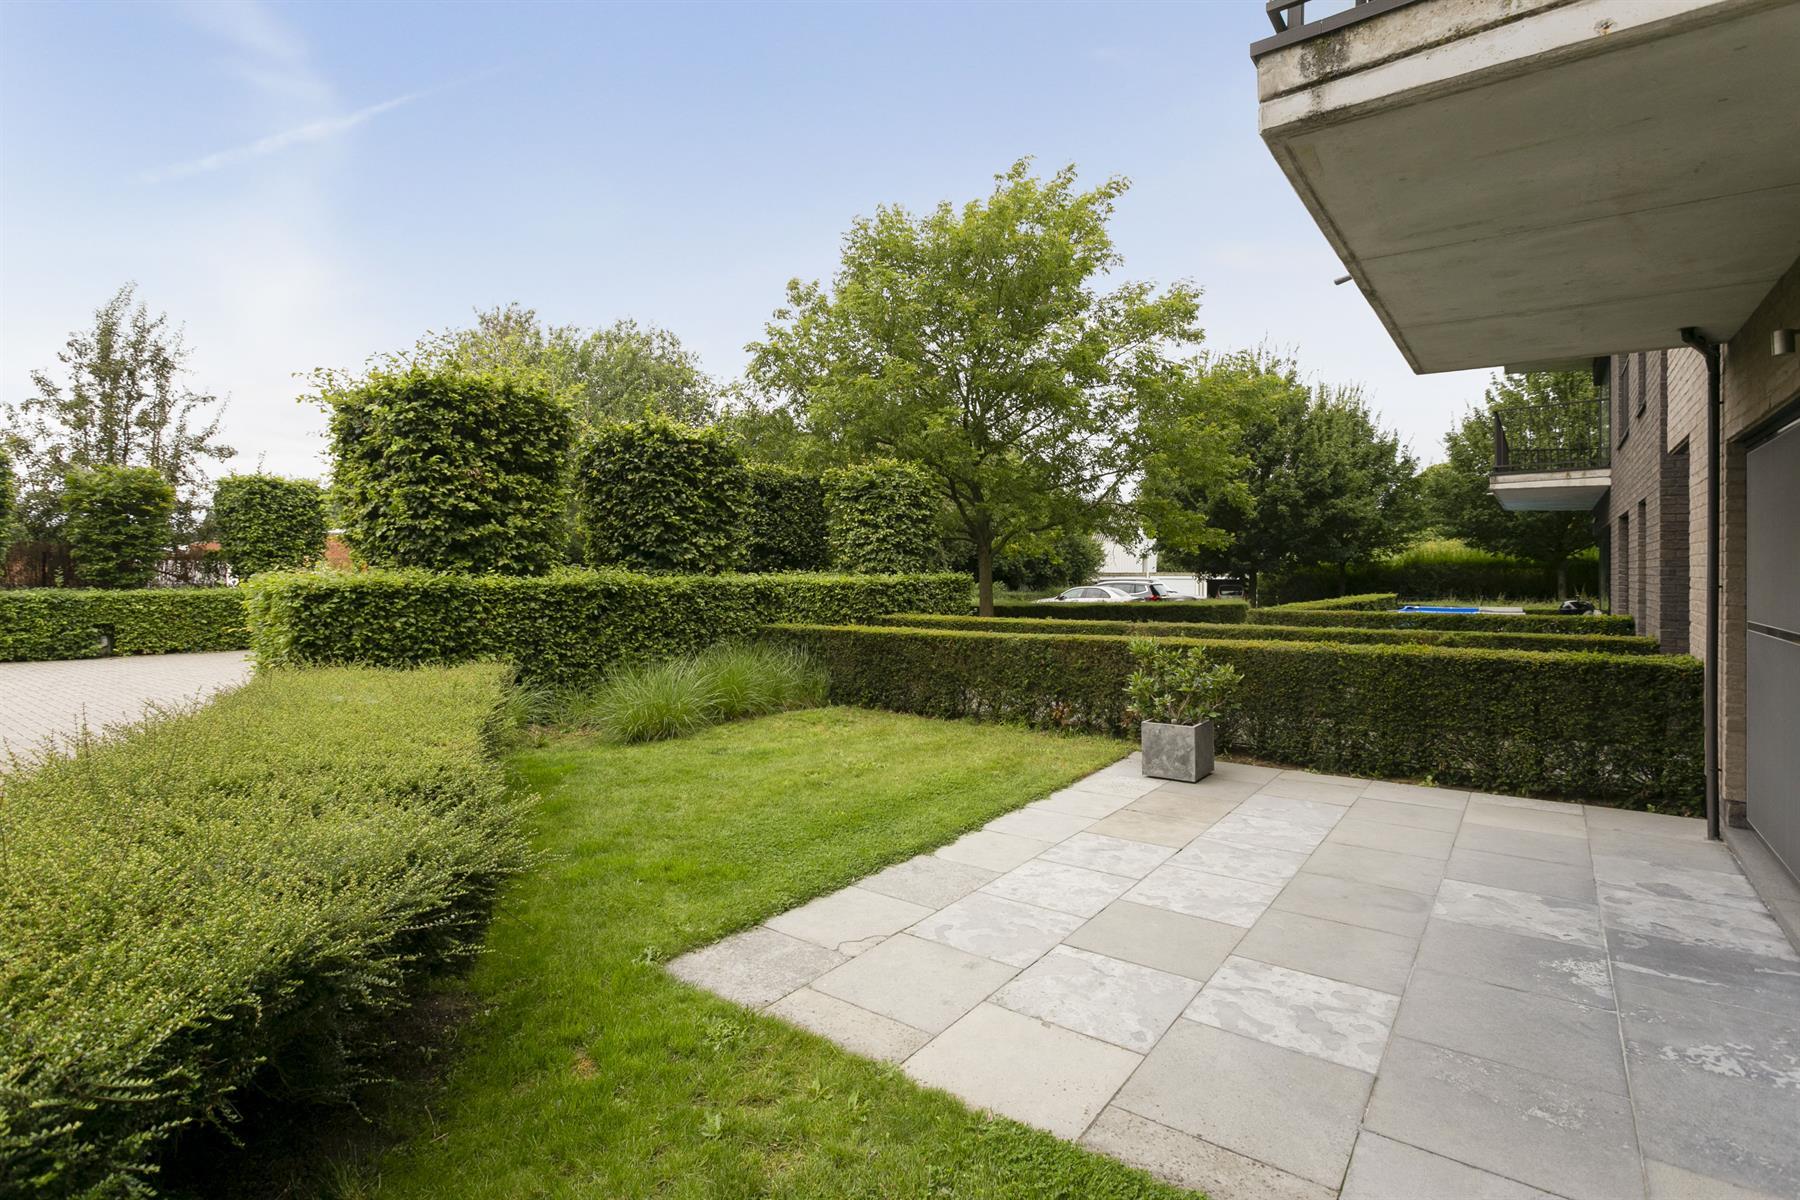 Prachtig gelijkvloers appartement in rustige en groene omgeving met privétuin en garagebox.